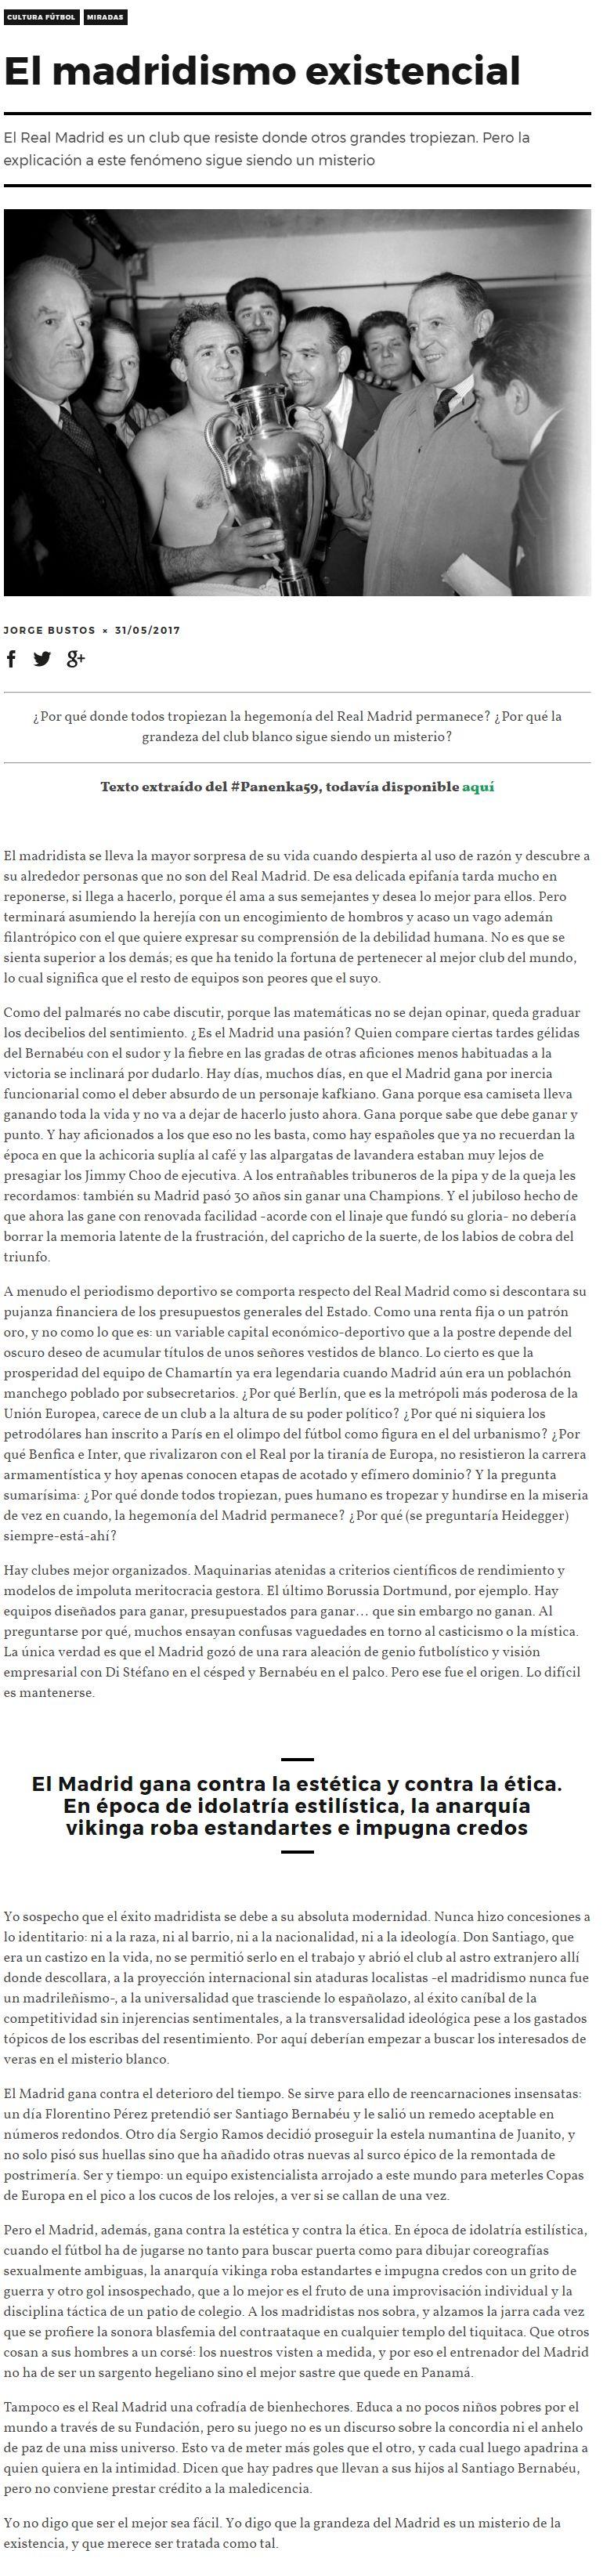 Madridistas por las redes (Todo lo que encontremos que nos parezca de interes) - Página 5 9134023991